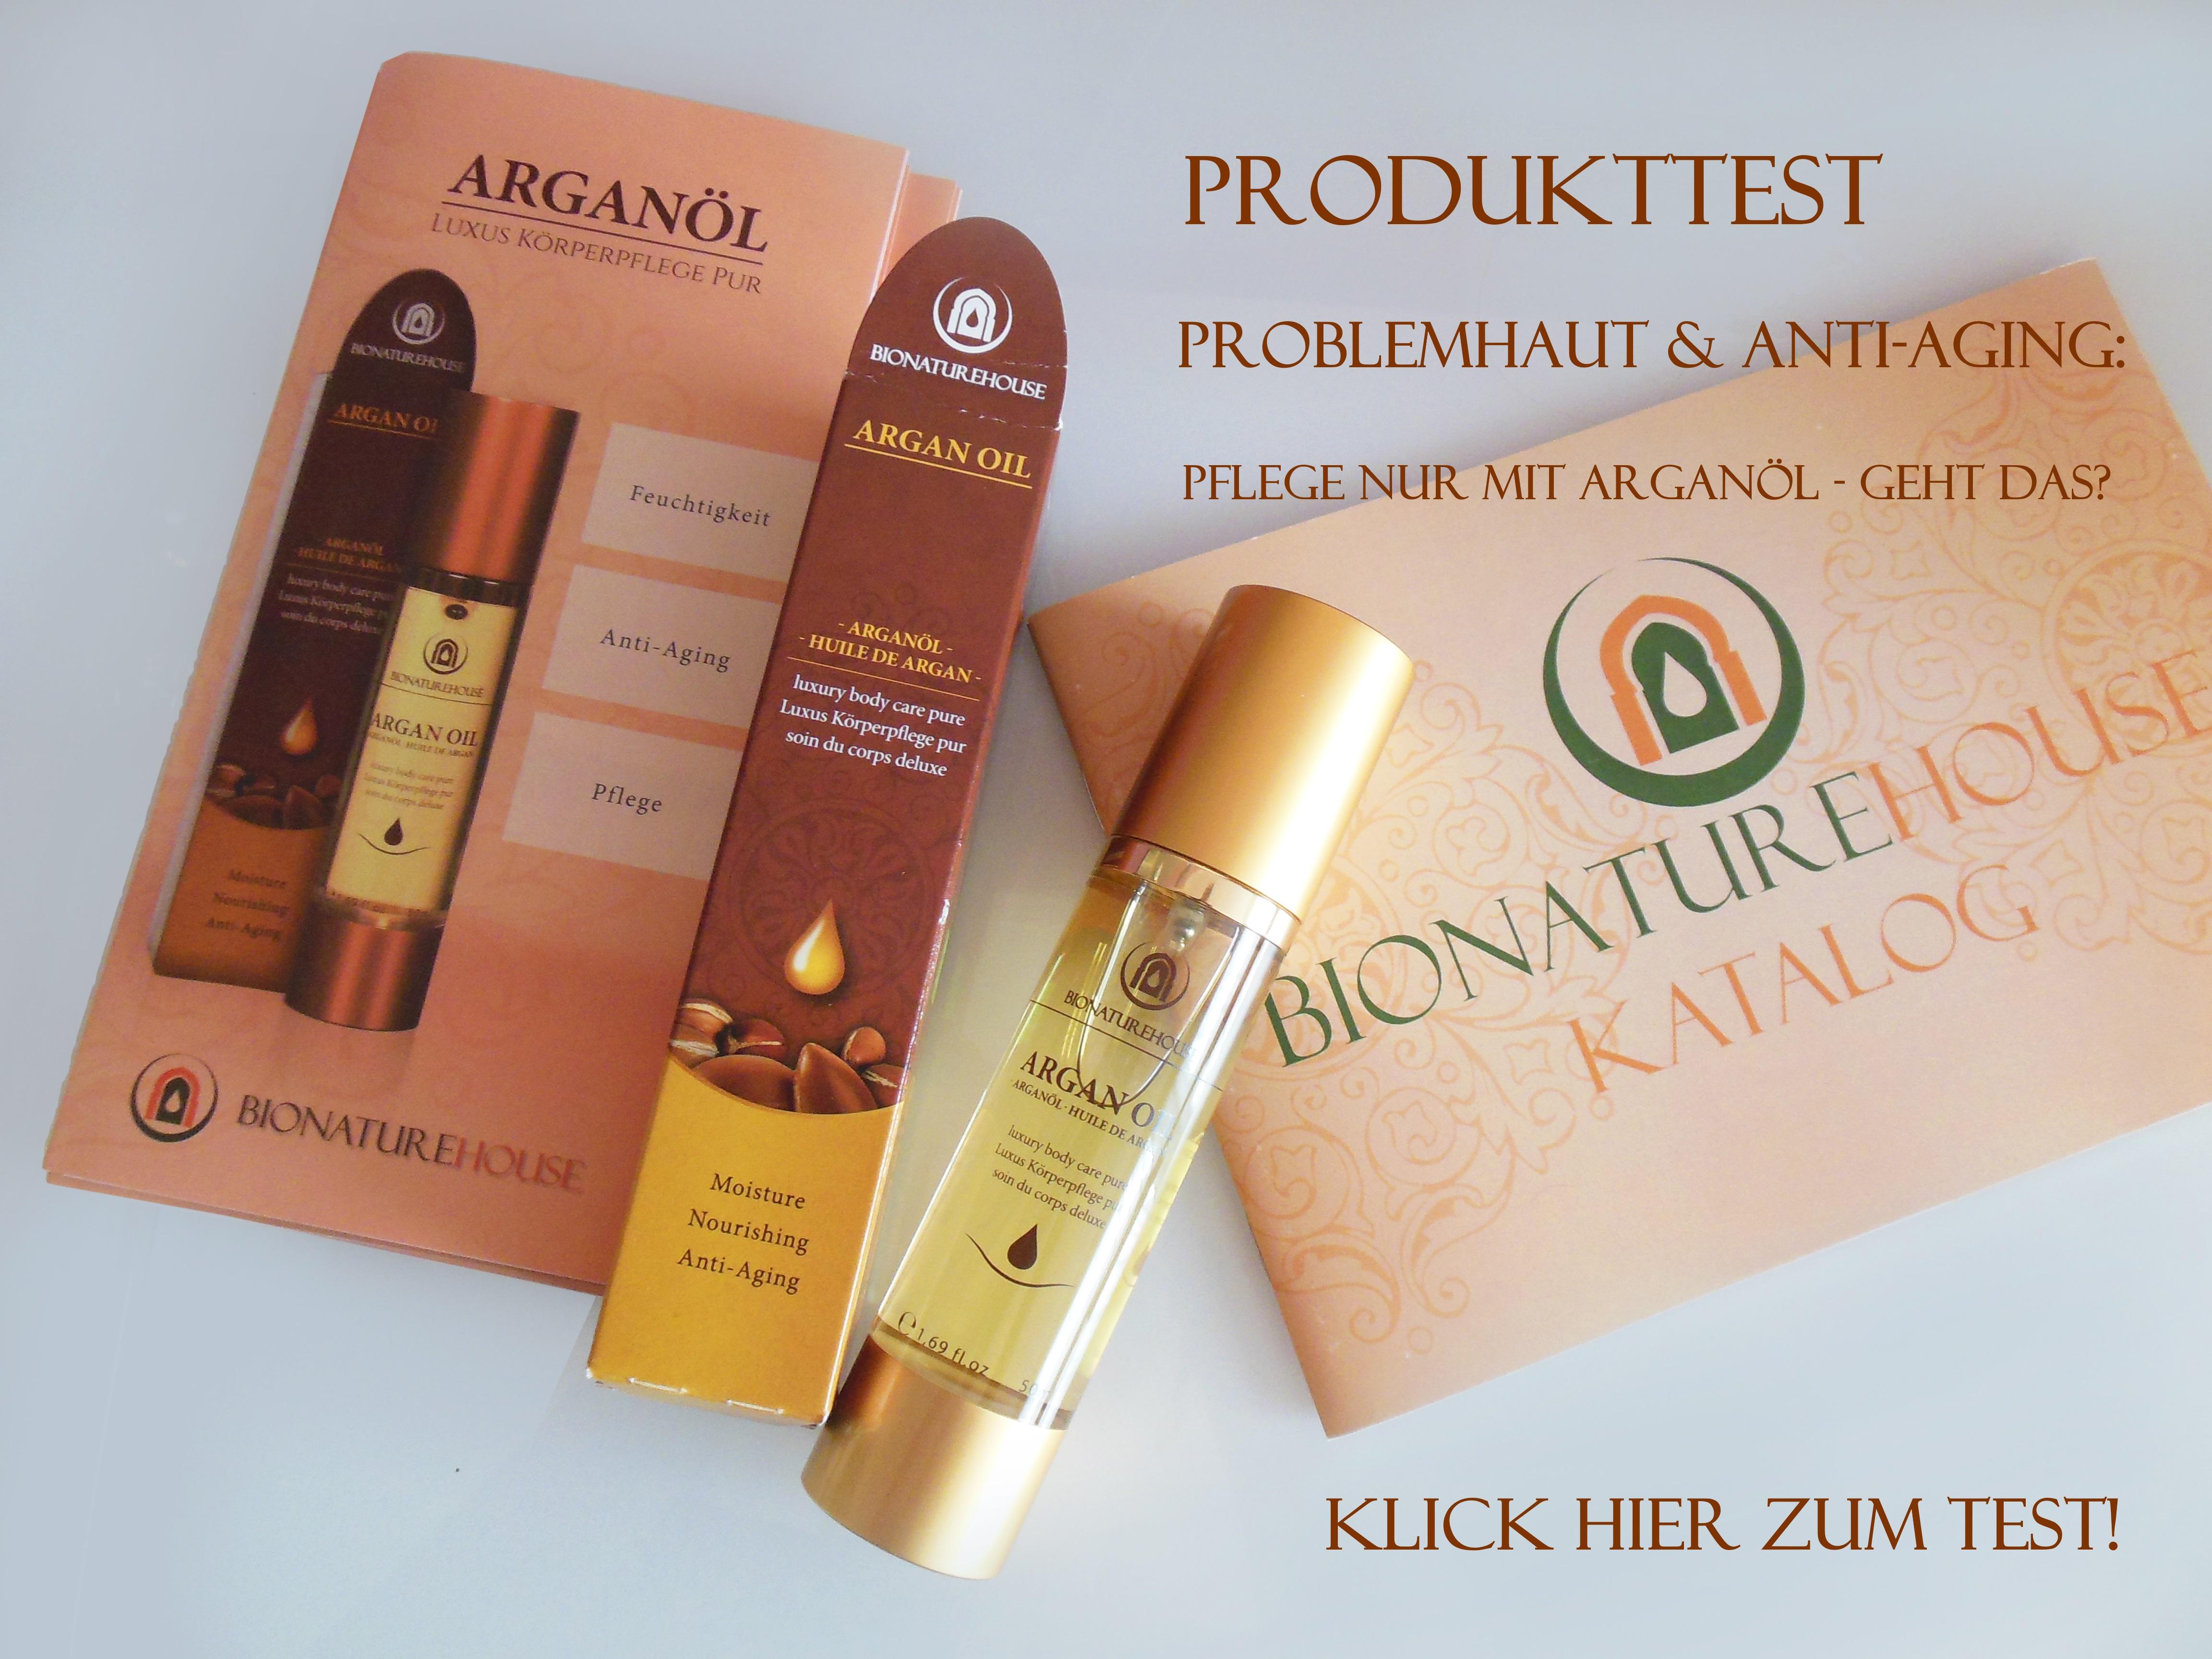 Arganöl Kosmetik Luxus Körperpflege Hautöl Haaröl anti aging Airless Flacon Grosshandel Lieferant Hersteller bio